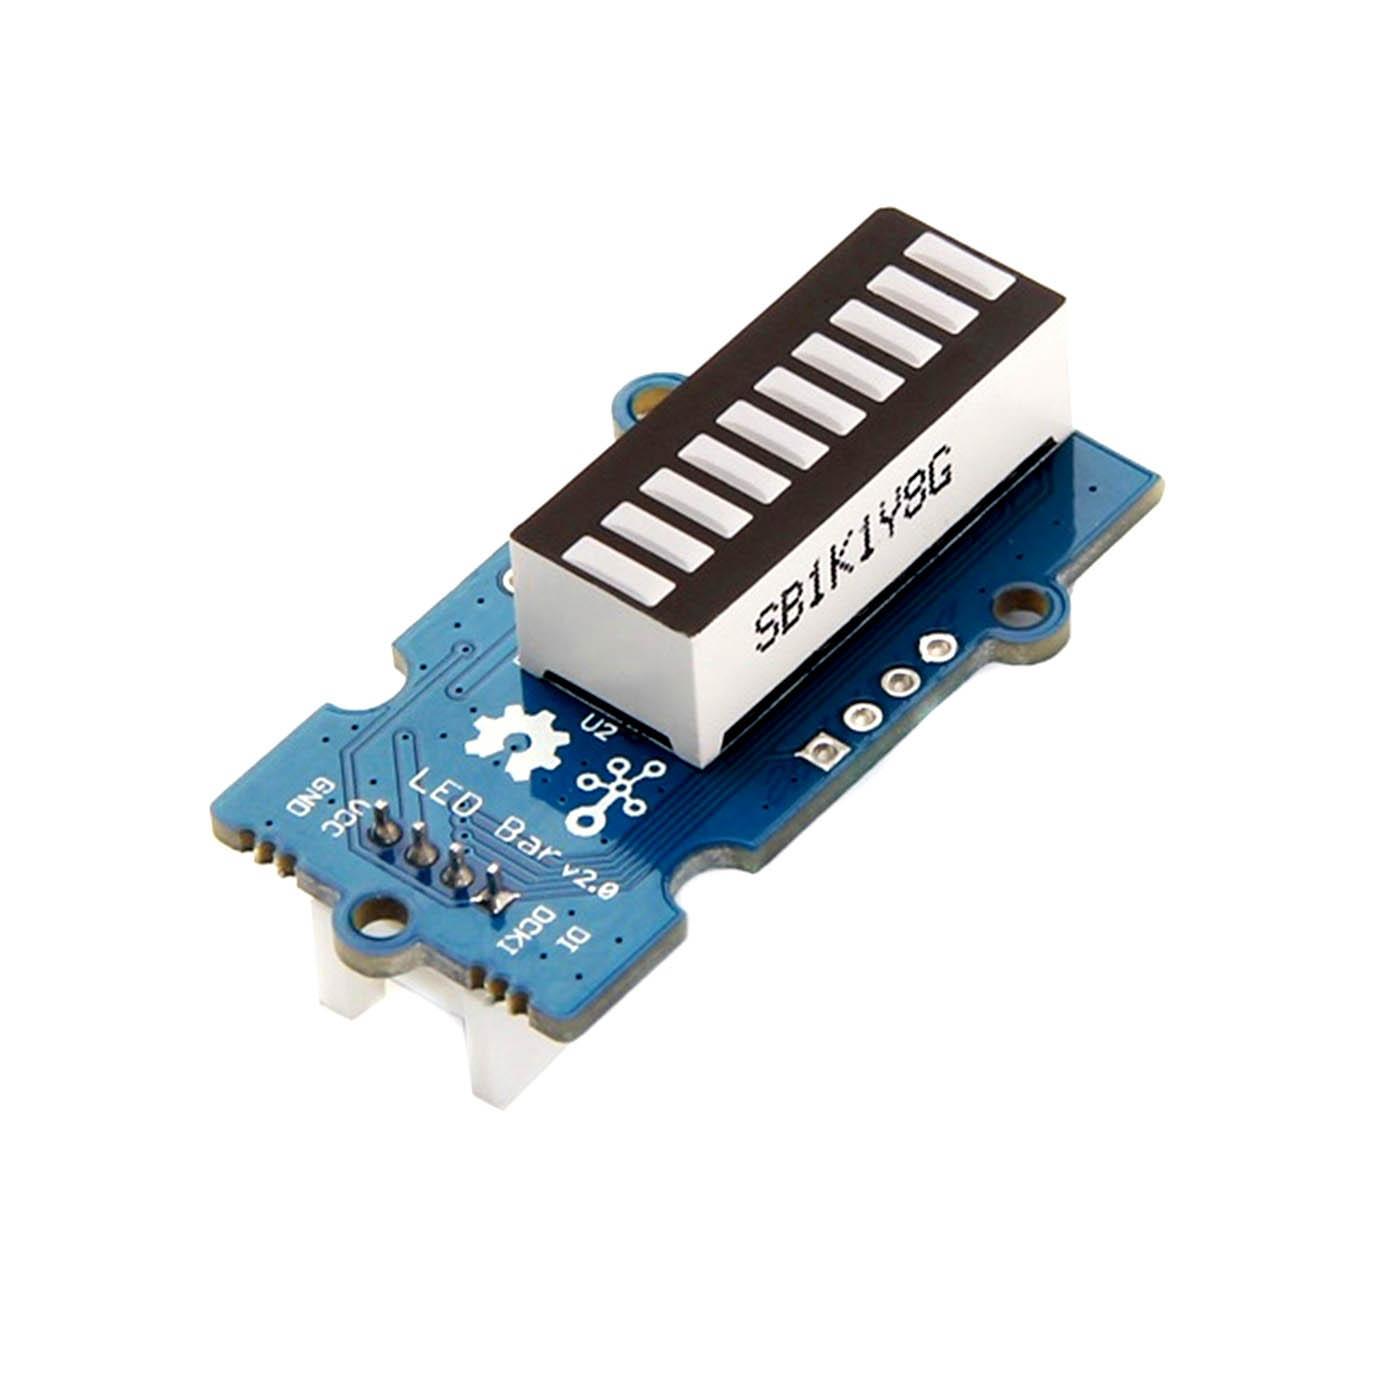 Grove LED Bar v2.0